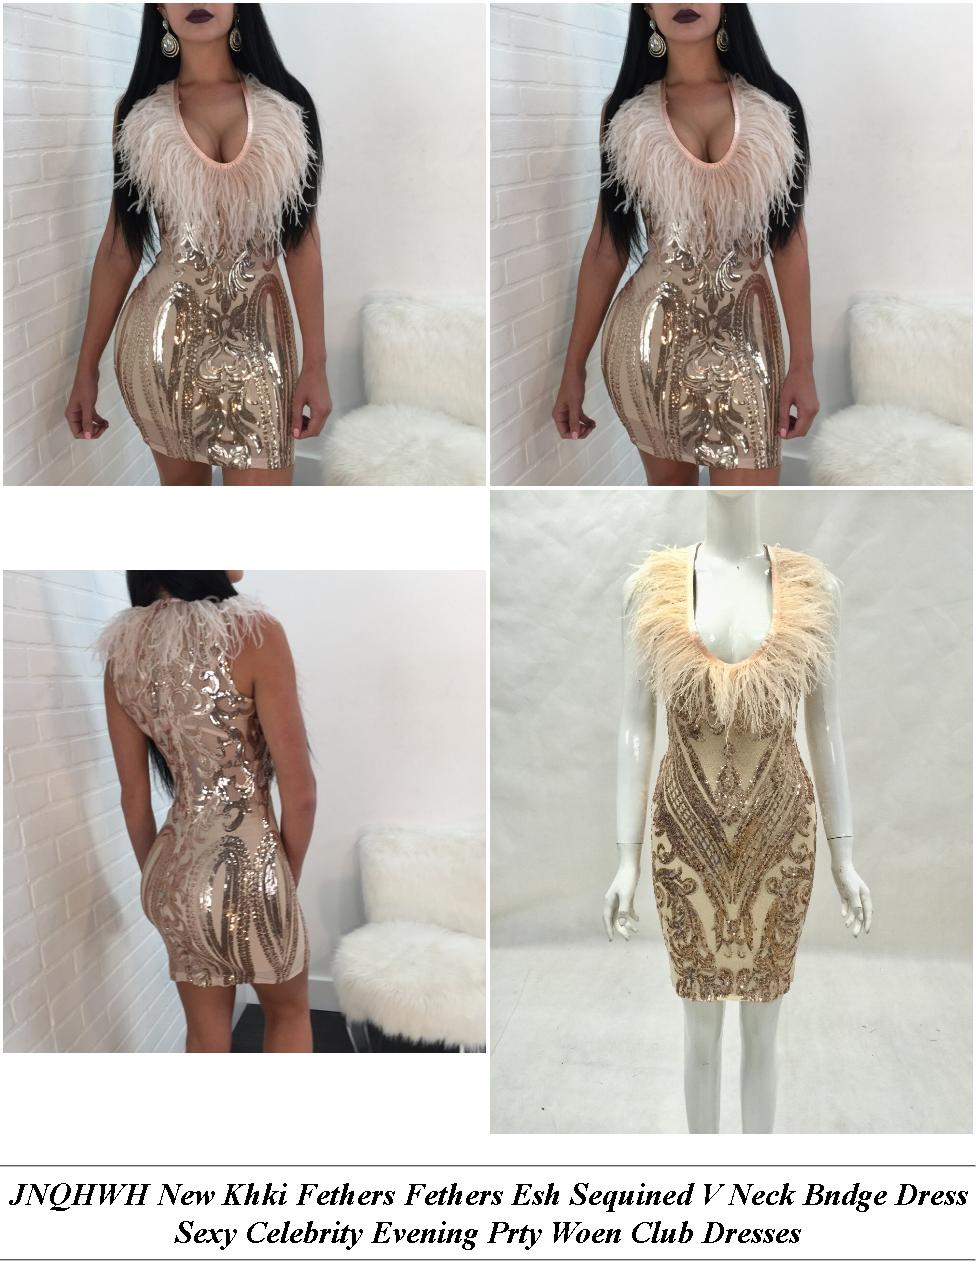 Dress Dress - Est July Th Clothing Sales - Plus Size Party Dresses Uk